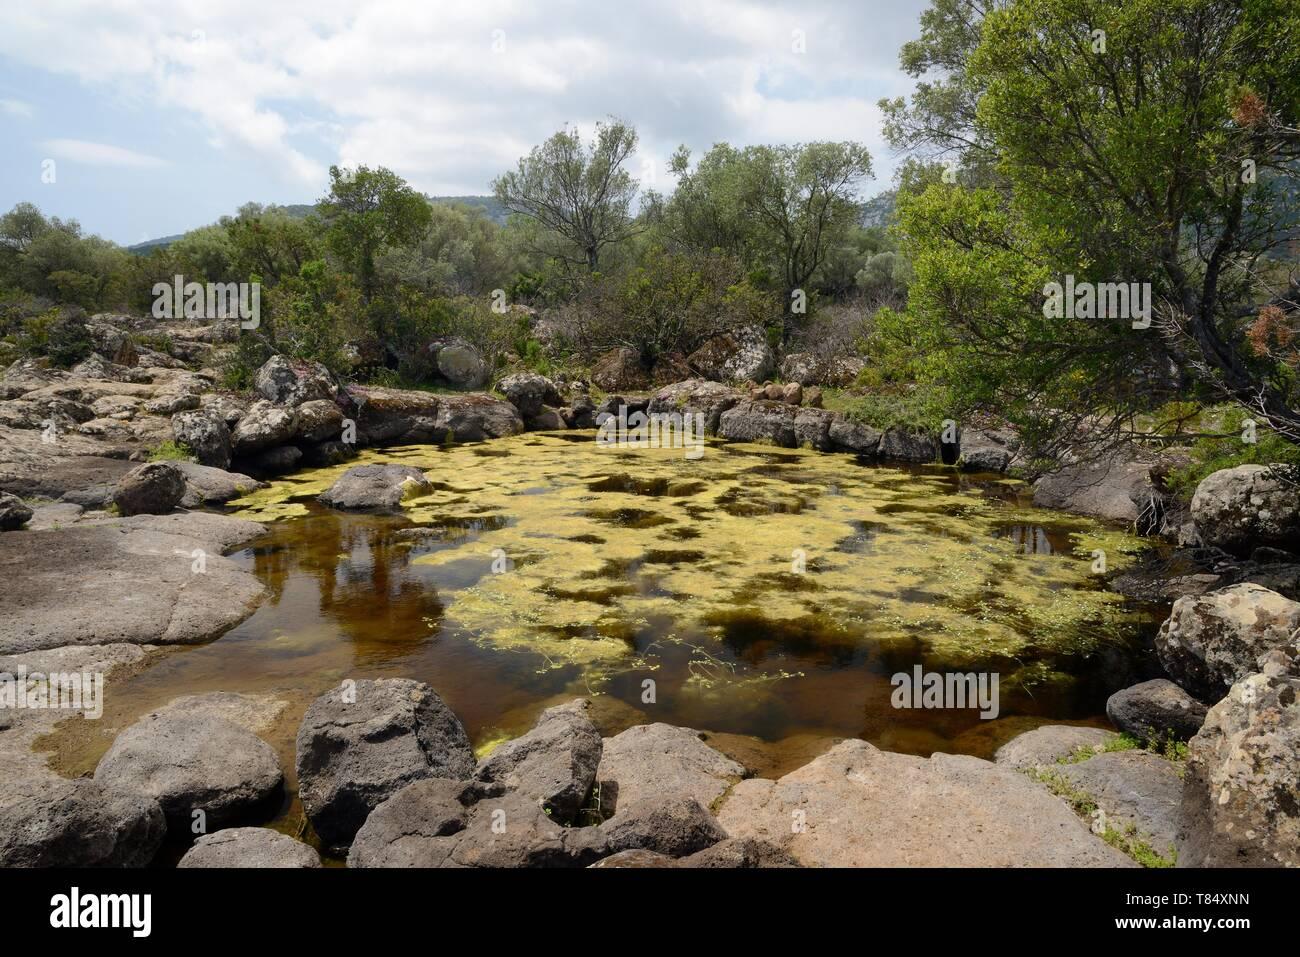 Comme l'eau de pluie sur la piscine naturelle Piscinas calcaire Plateau Golgo, parc national du Gennargentu, Baunei, Sardaigne, Italie, mai 2018. Photo Stock